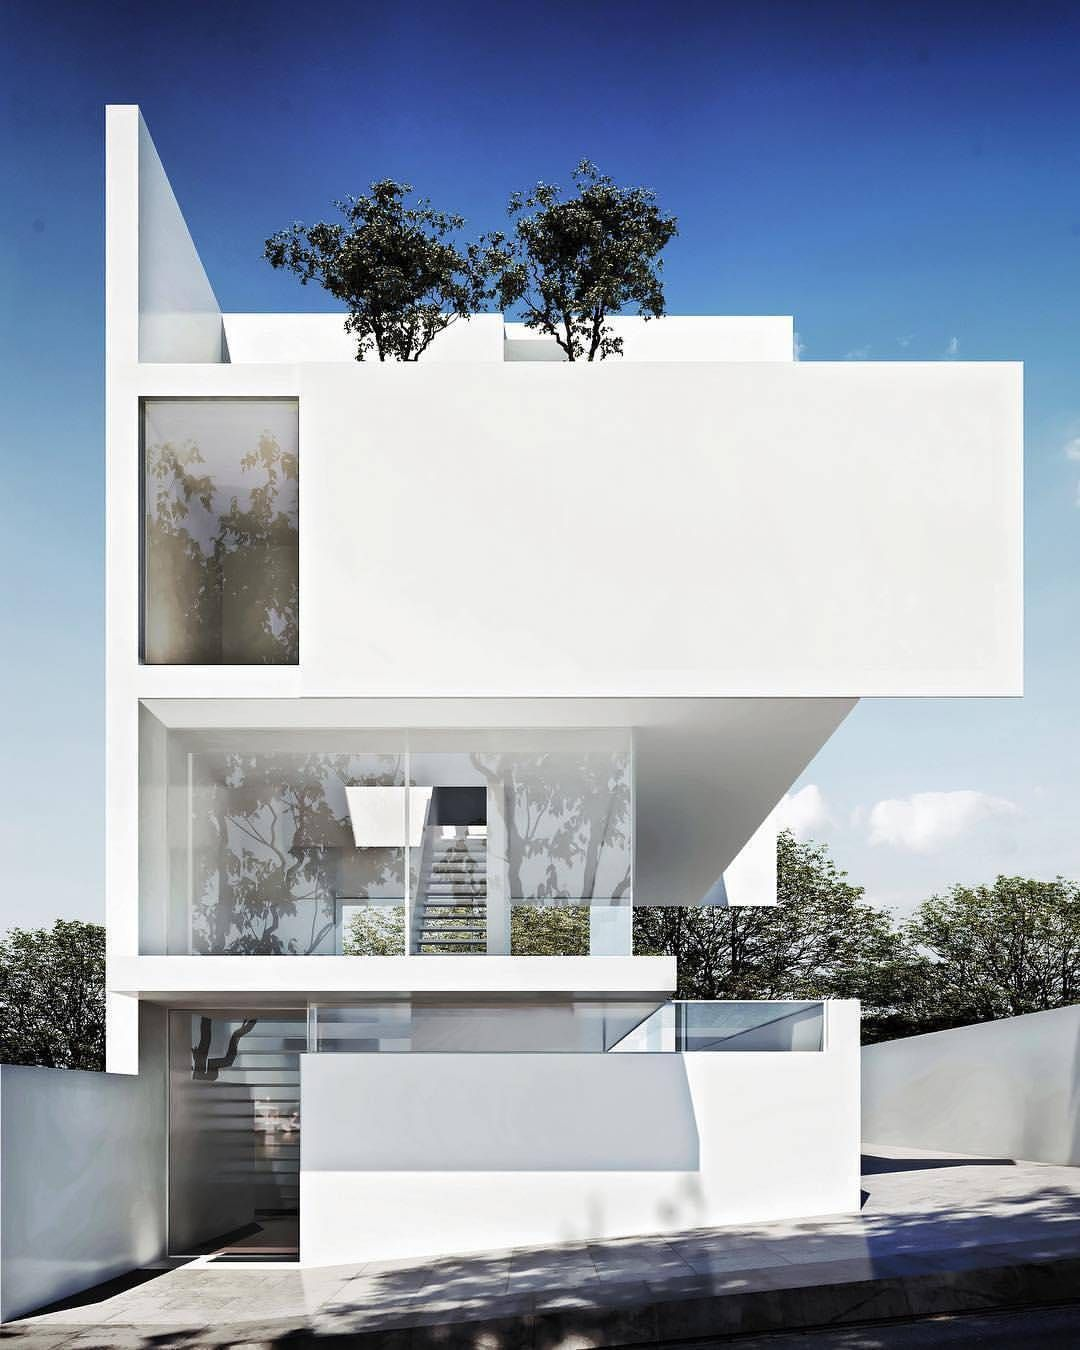 12.4k Likes, 34 Comments - Amazing Architecture (@amazing ...